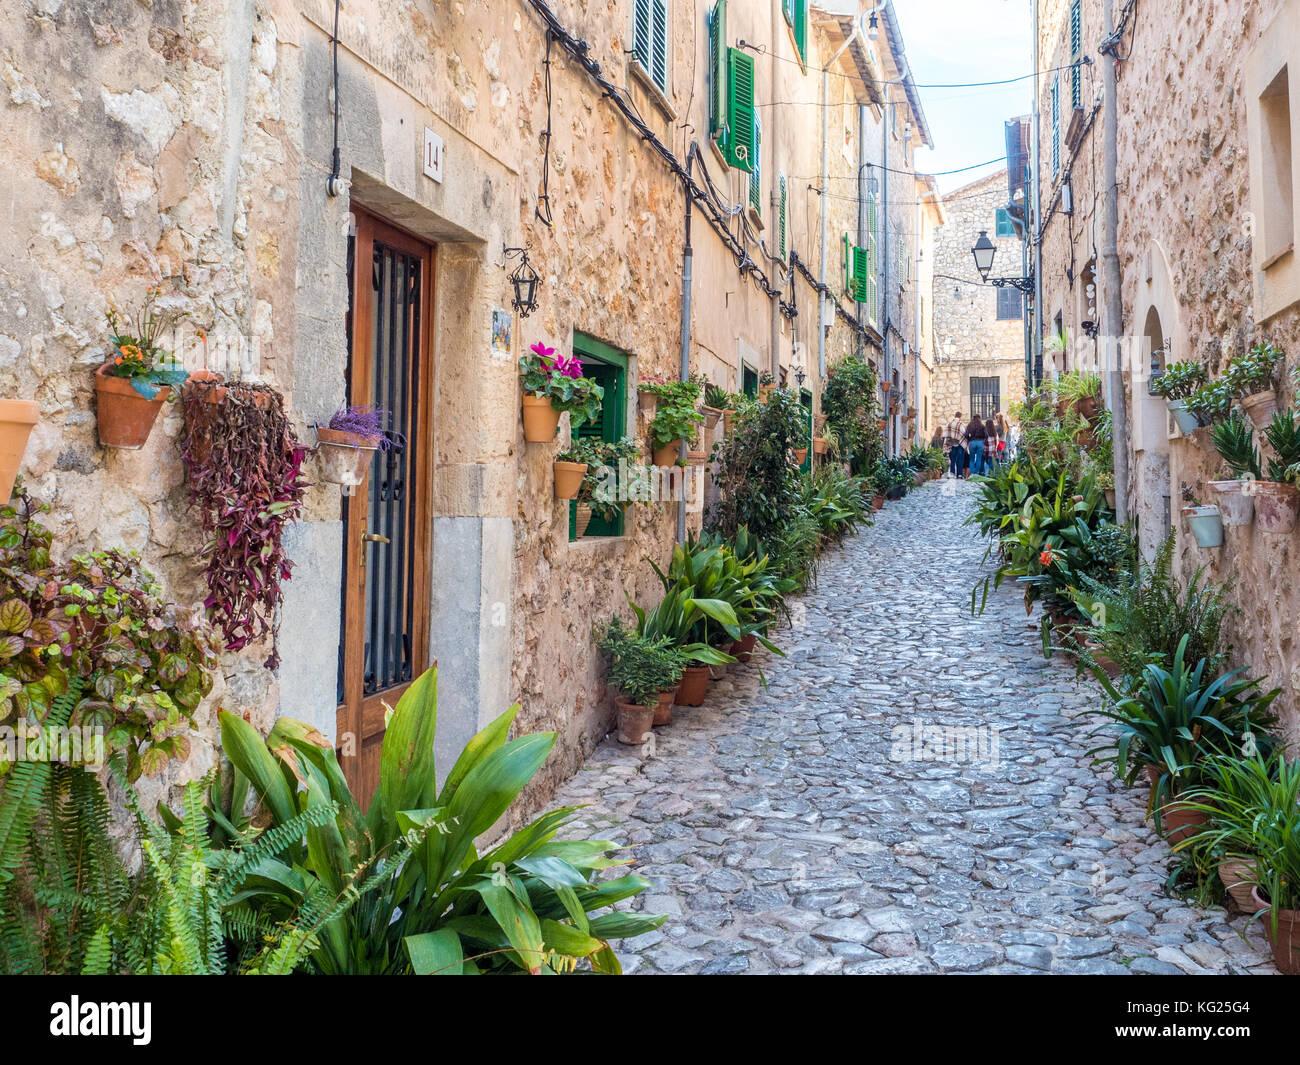 Calle con flores, valdemossa, Mallorca, Islas Baleares, España, Mediterráneo, Europa Imagen De Stock